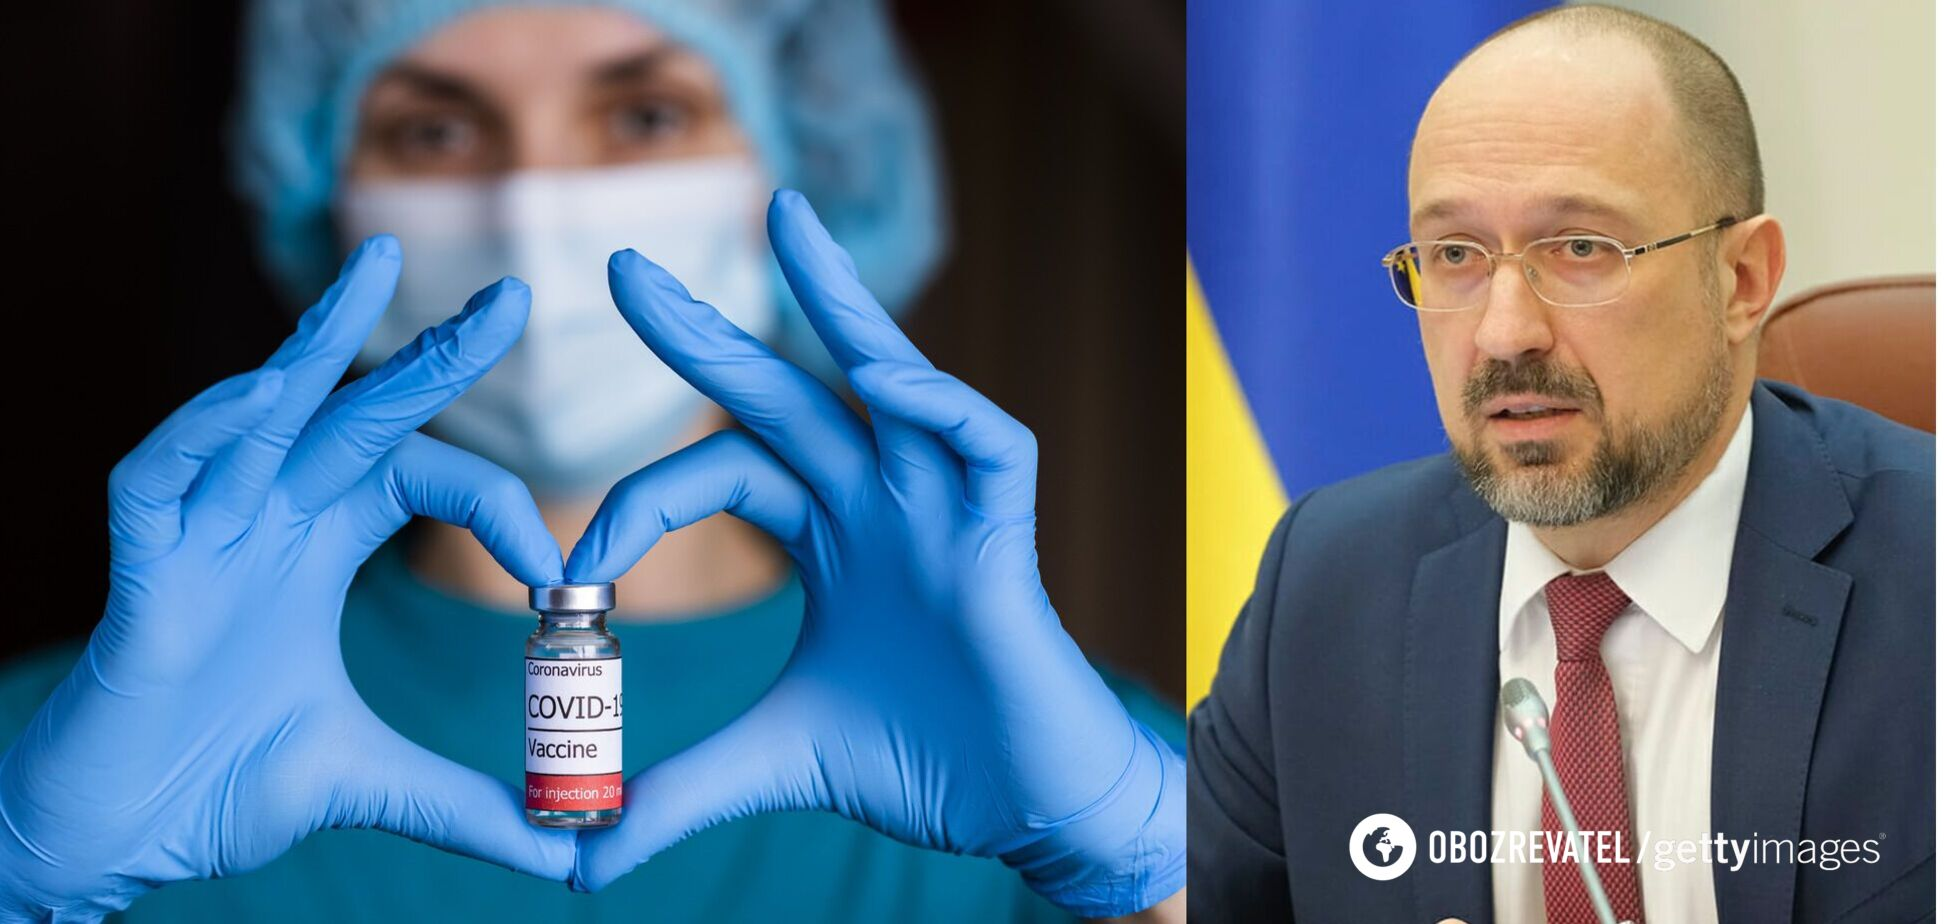 Шмигаль зізнався, чи буде публічно вакцинуватися проти COVID-19